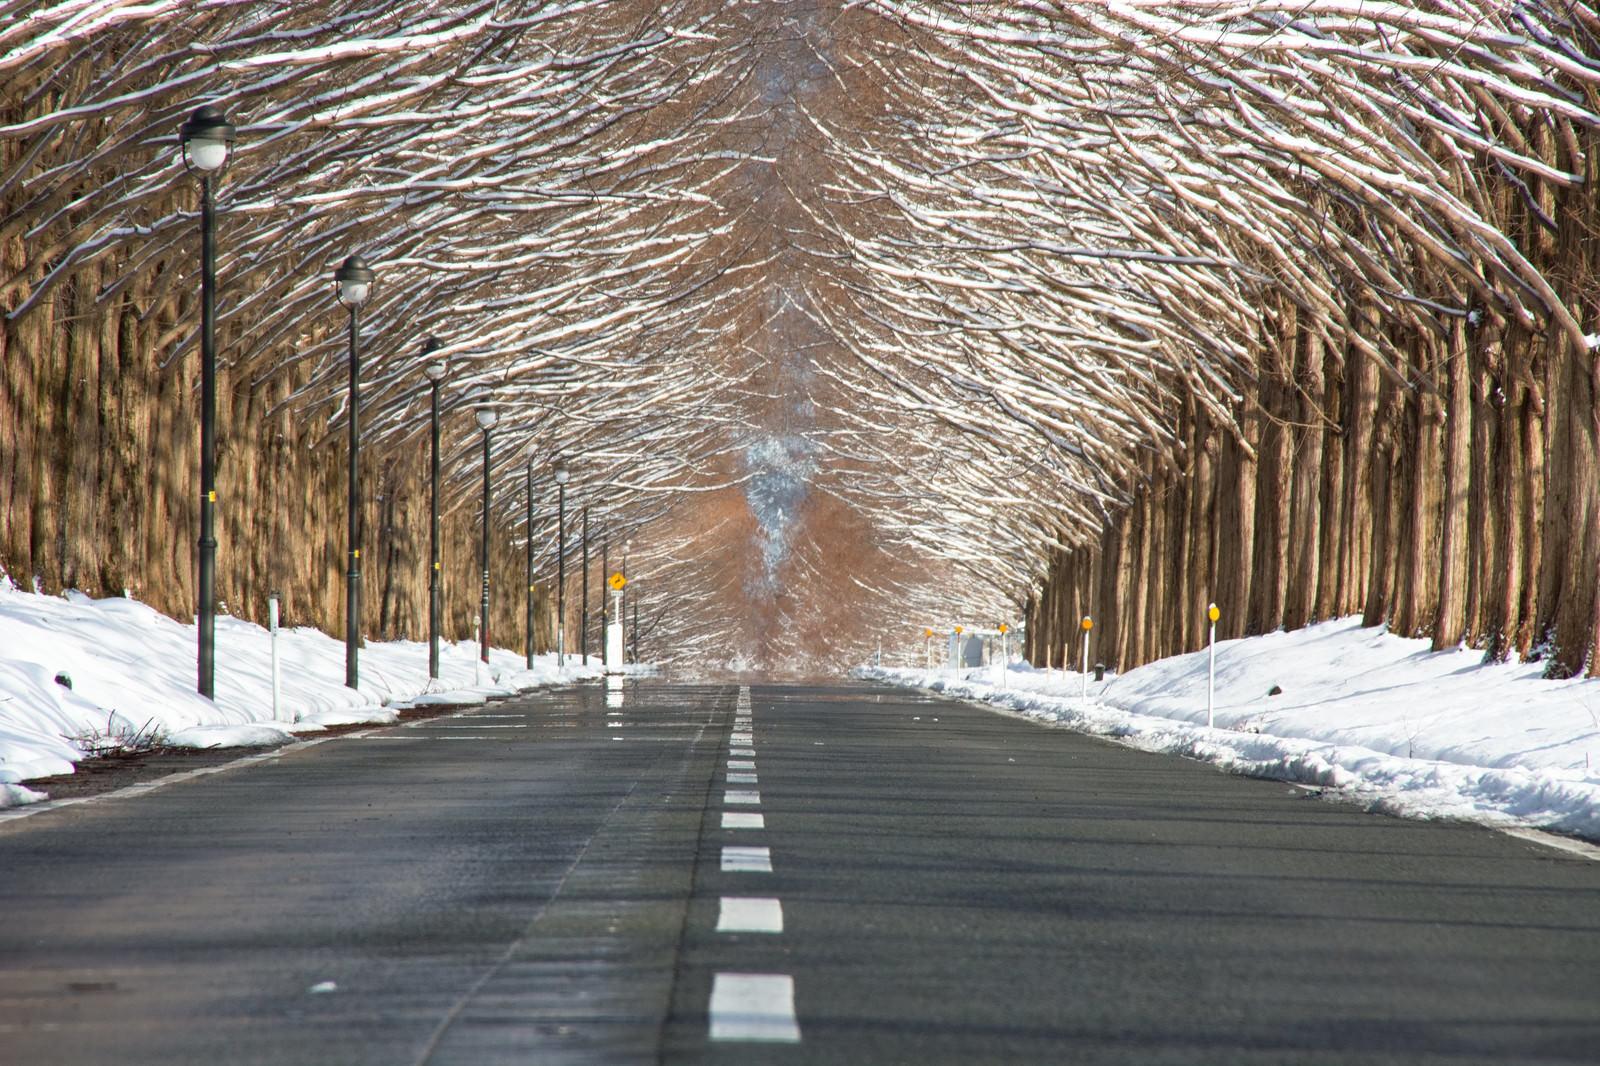 「車道を覆うメタセコイア並木(滋賀県高島市マキノ町)」の写真